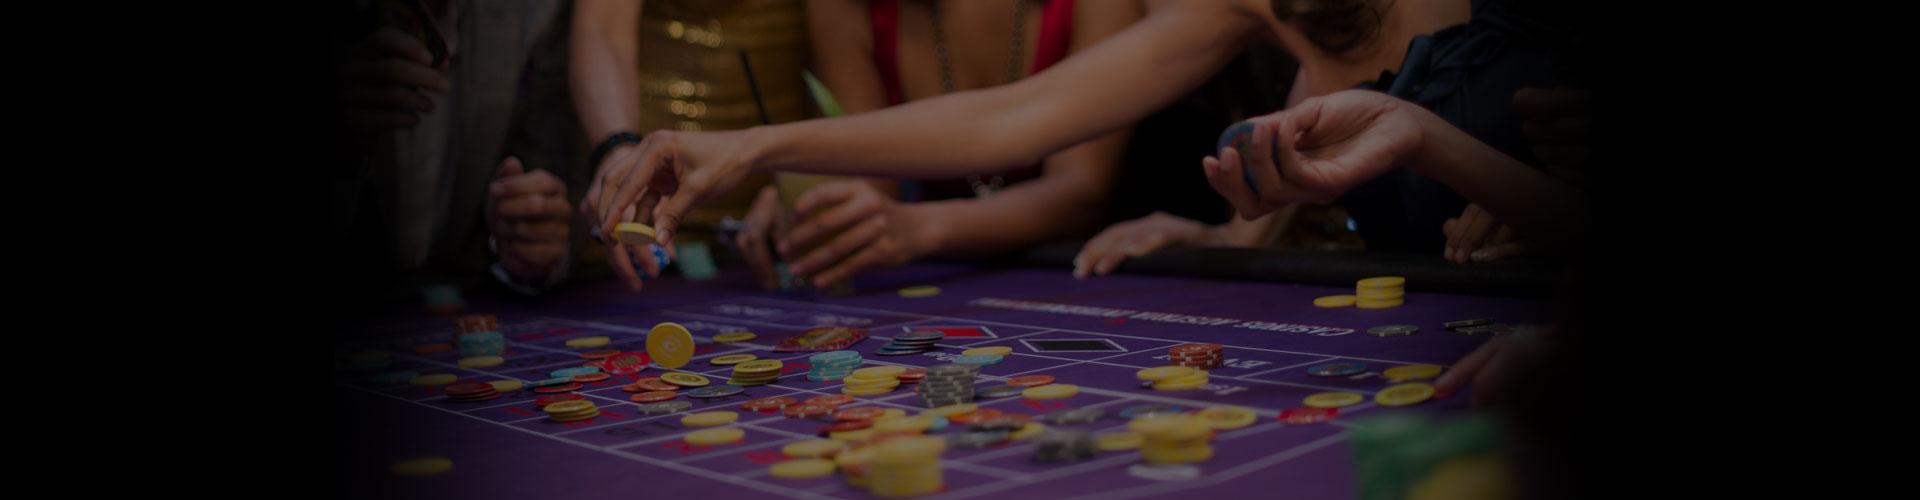 Online Casino Bonus ohne - 64251